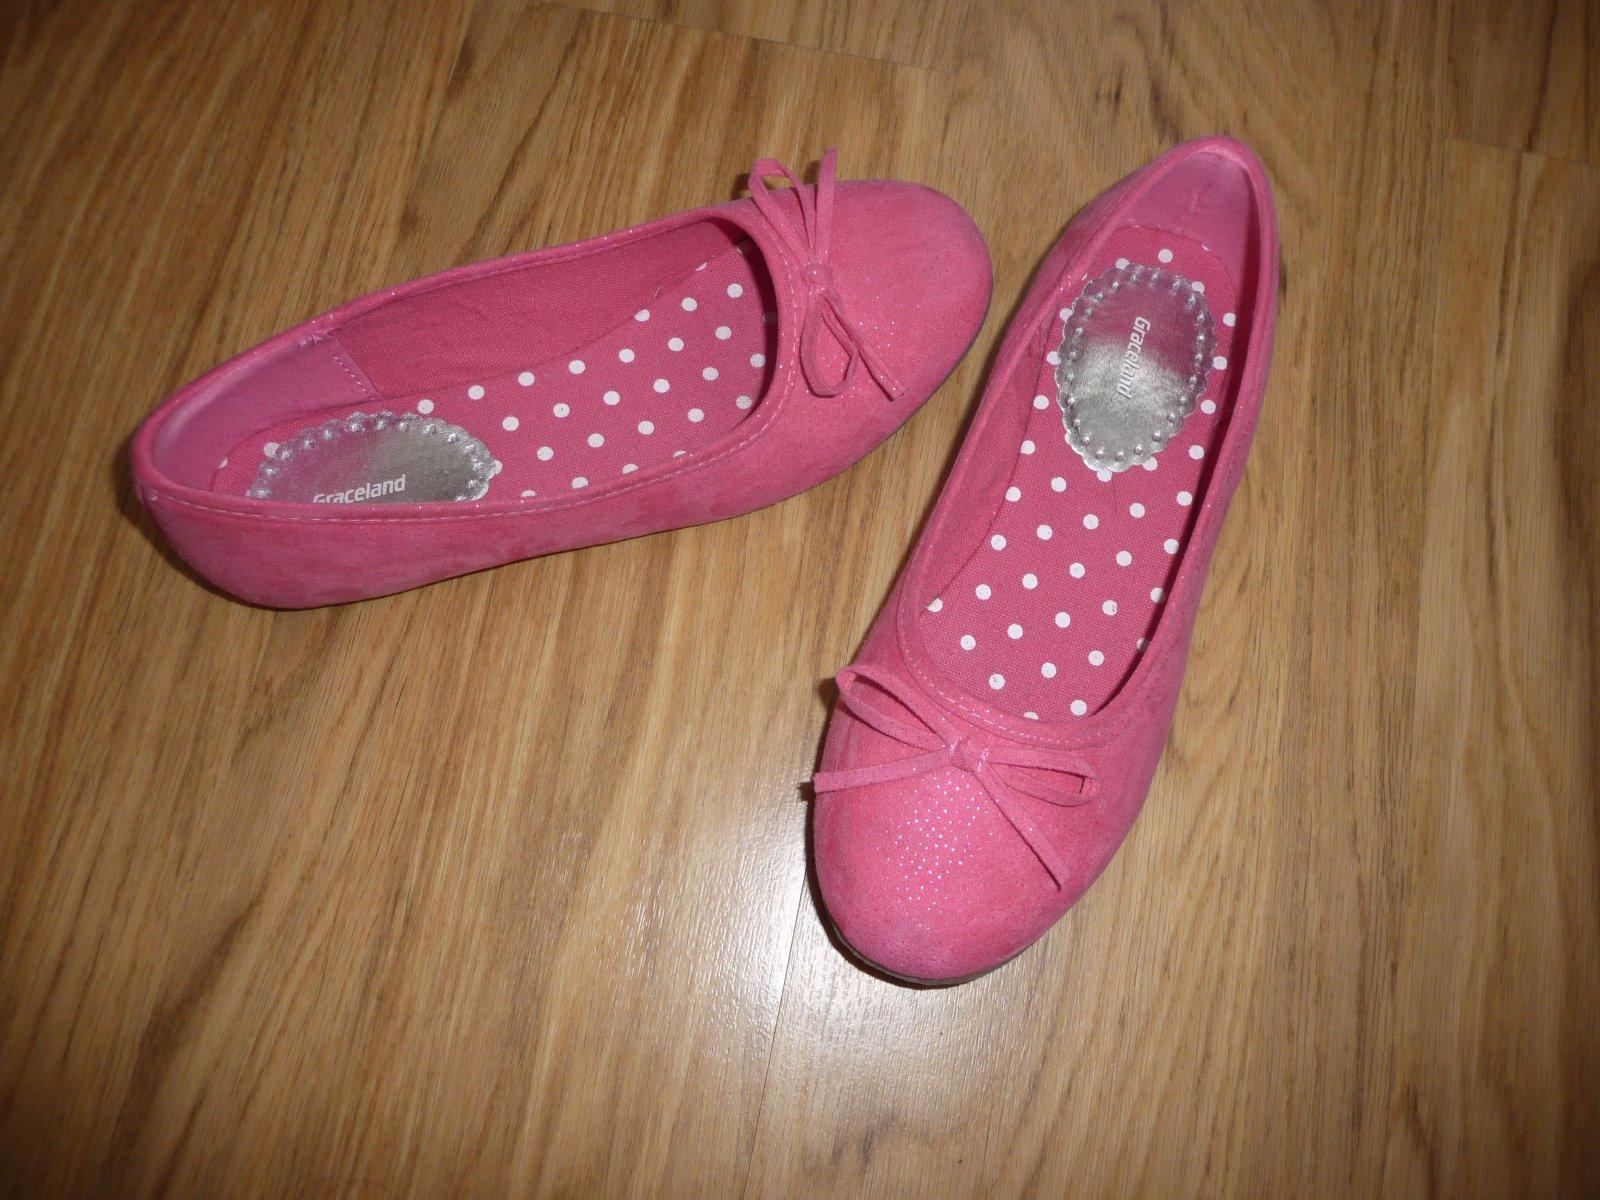 00a2dc14768 Růžové baleríny- jarní boty vel.34